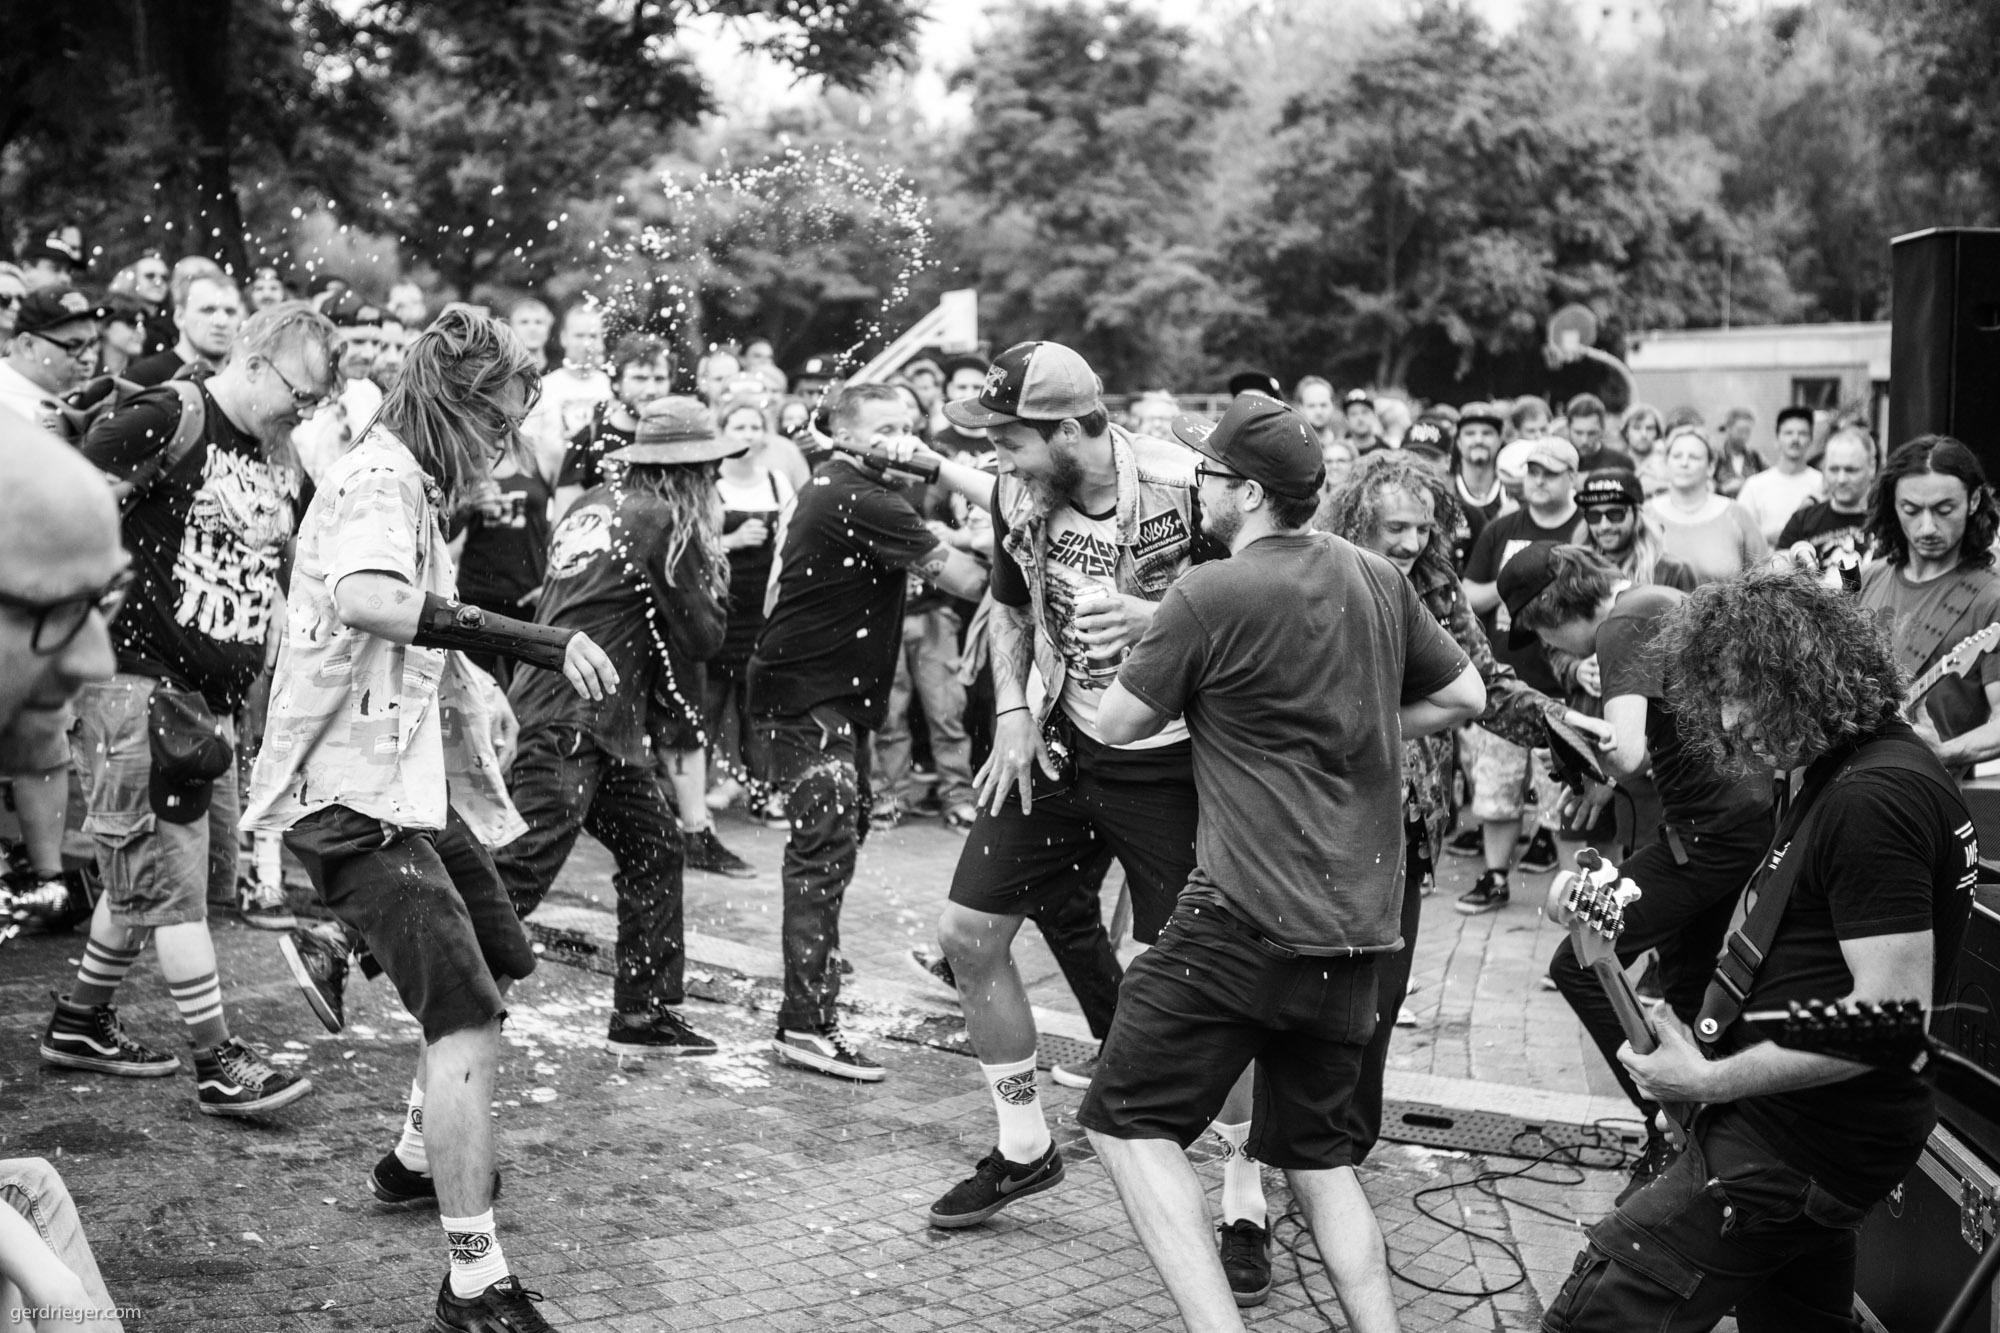 2017-07-08_Bergfest-Bailgun-4136